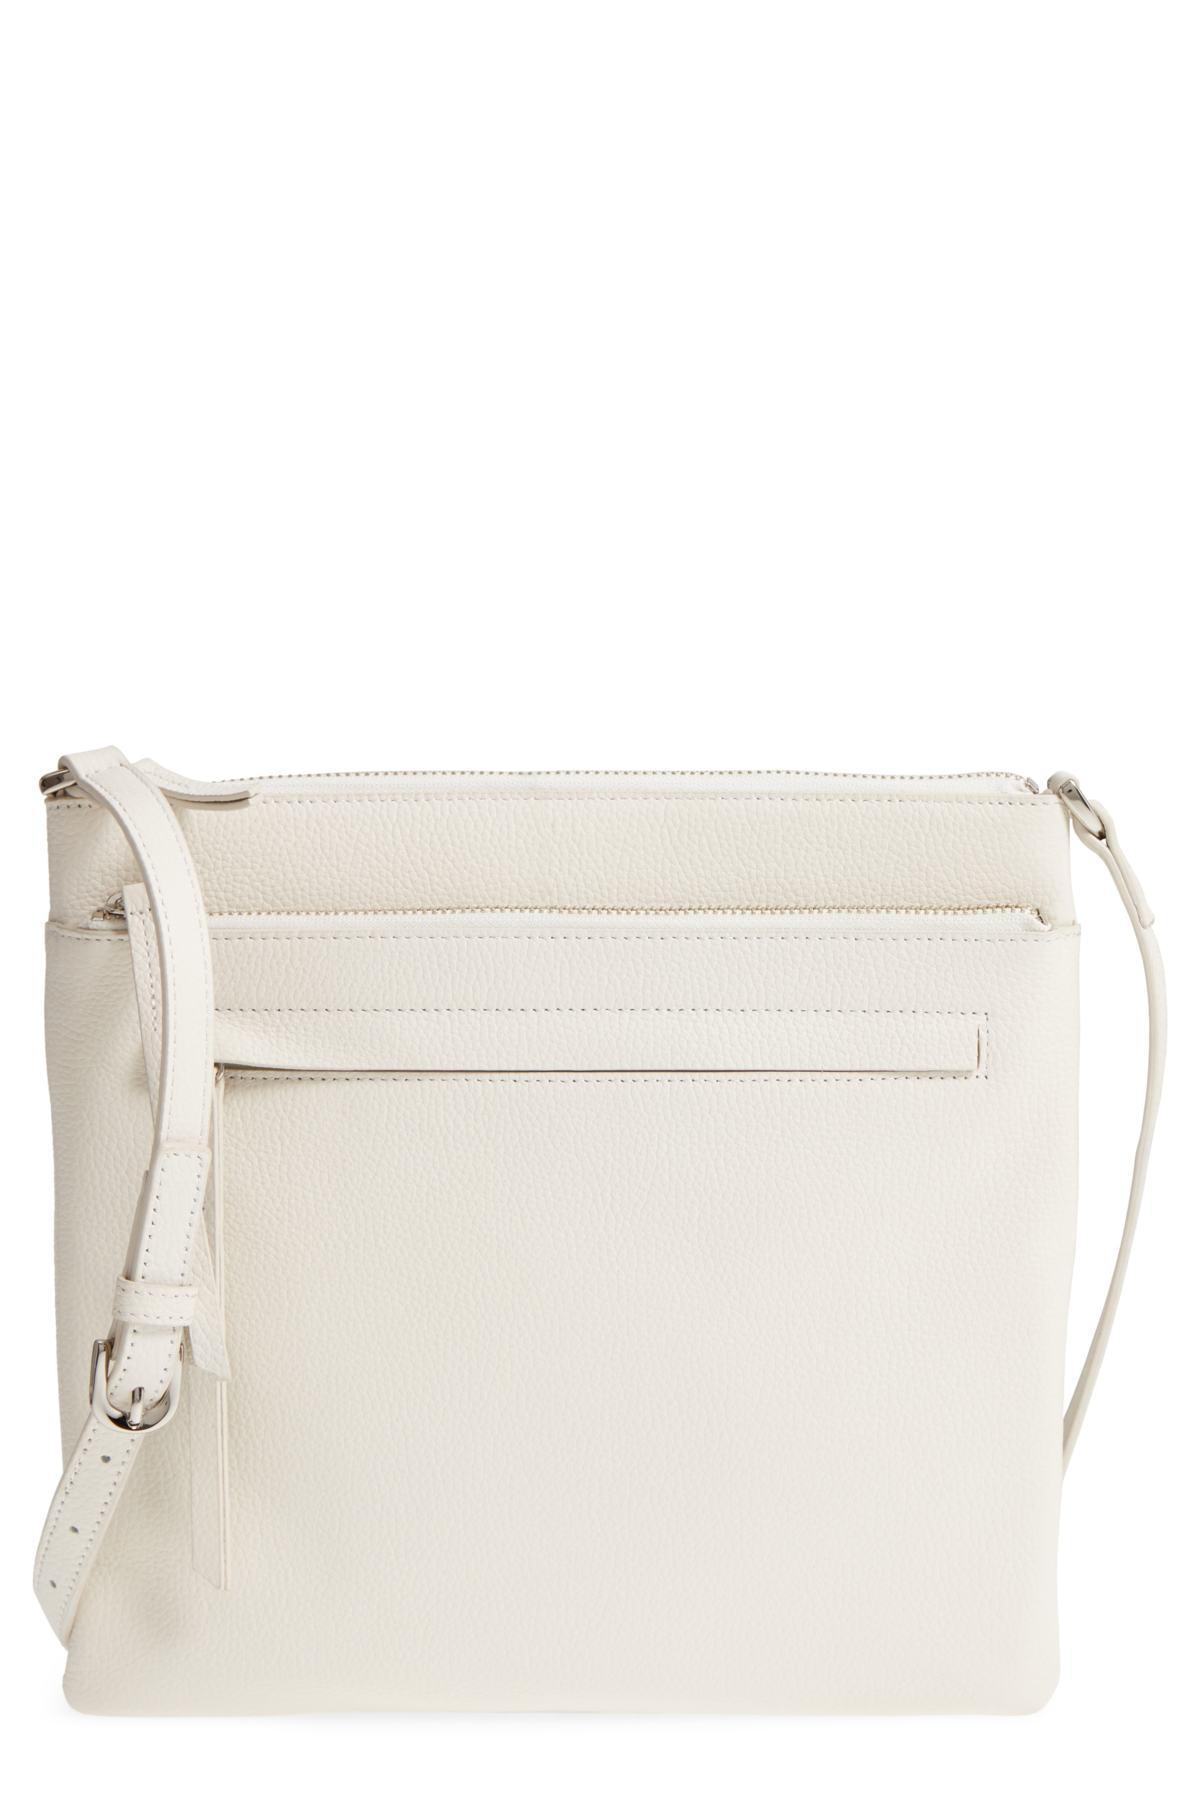 29f346874735 Lyst - Nordstrom Finn Leather Crossbody Bag in White